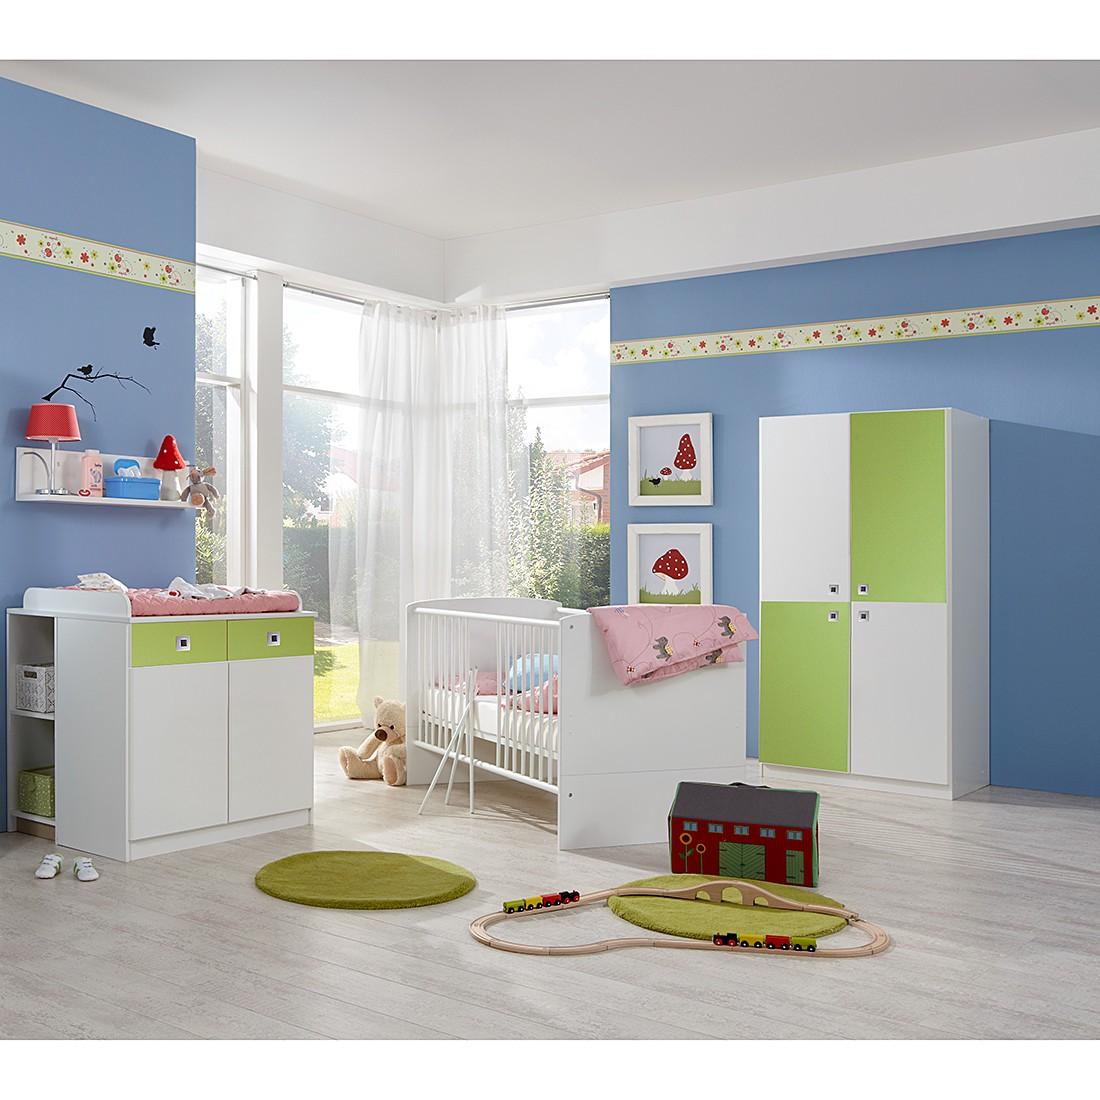 Wimex Kinderkleiderschrank – für ein modernes Kinderzimmer | home24